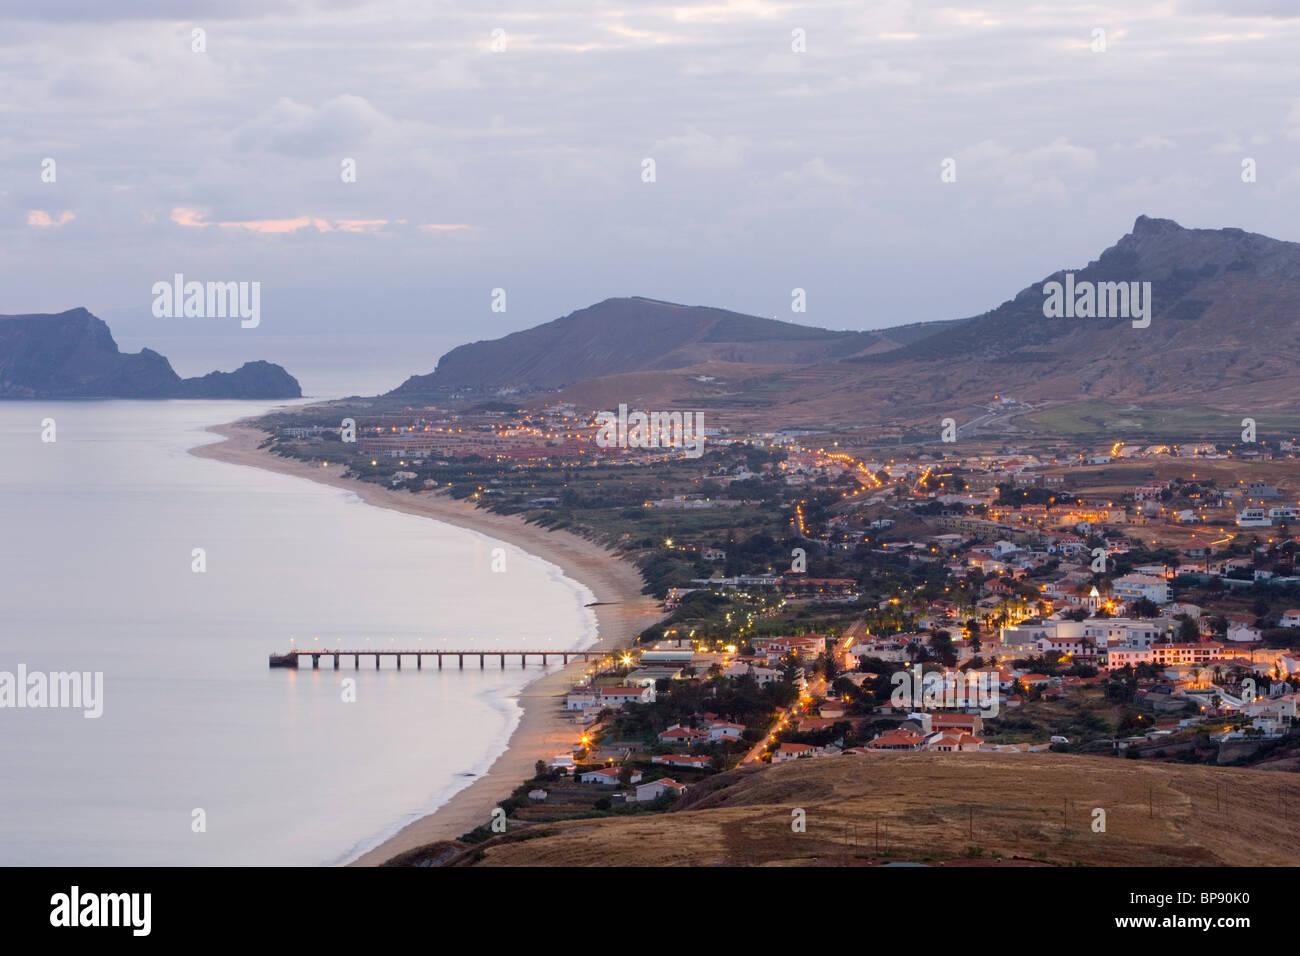 Vila Baleira al atardecer visto desde Portela, Porto Santo, cerca de Madeira, Portugal Imagen De Stock